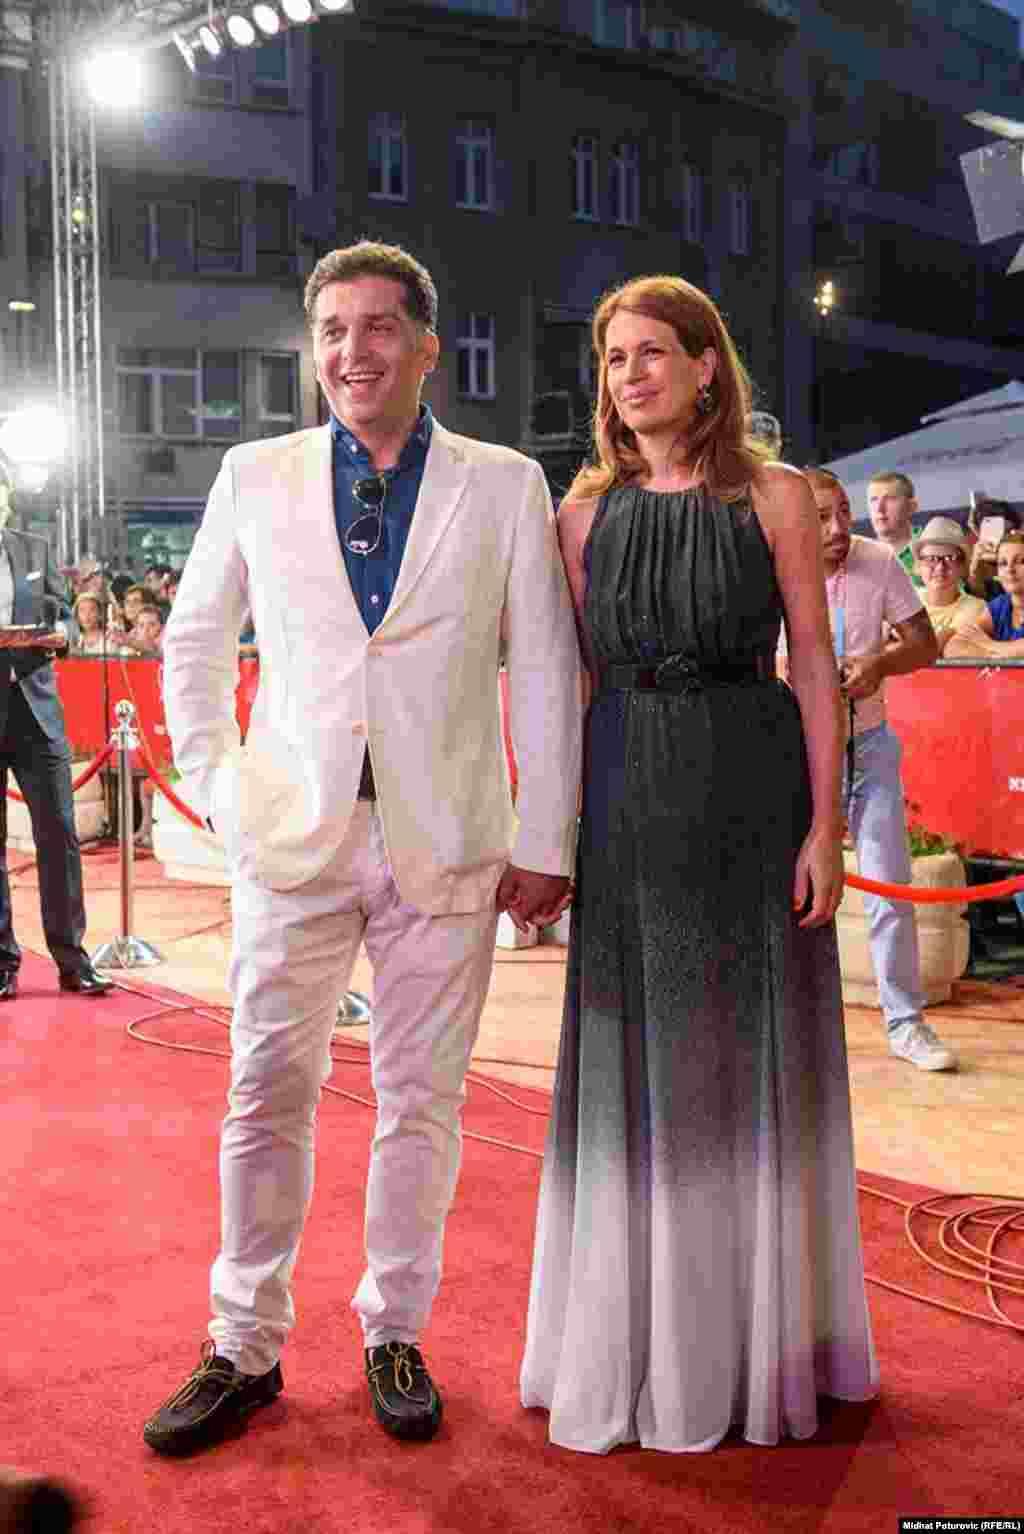 Bosanskohercegovački redatelj Danis Tanović i njegova supruga Maelys de Rudder Tanović